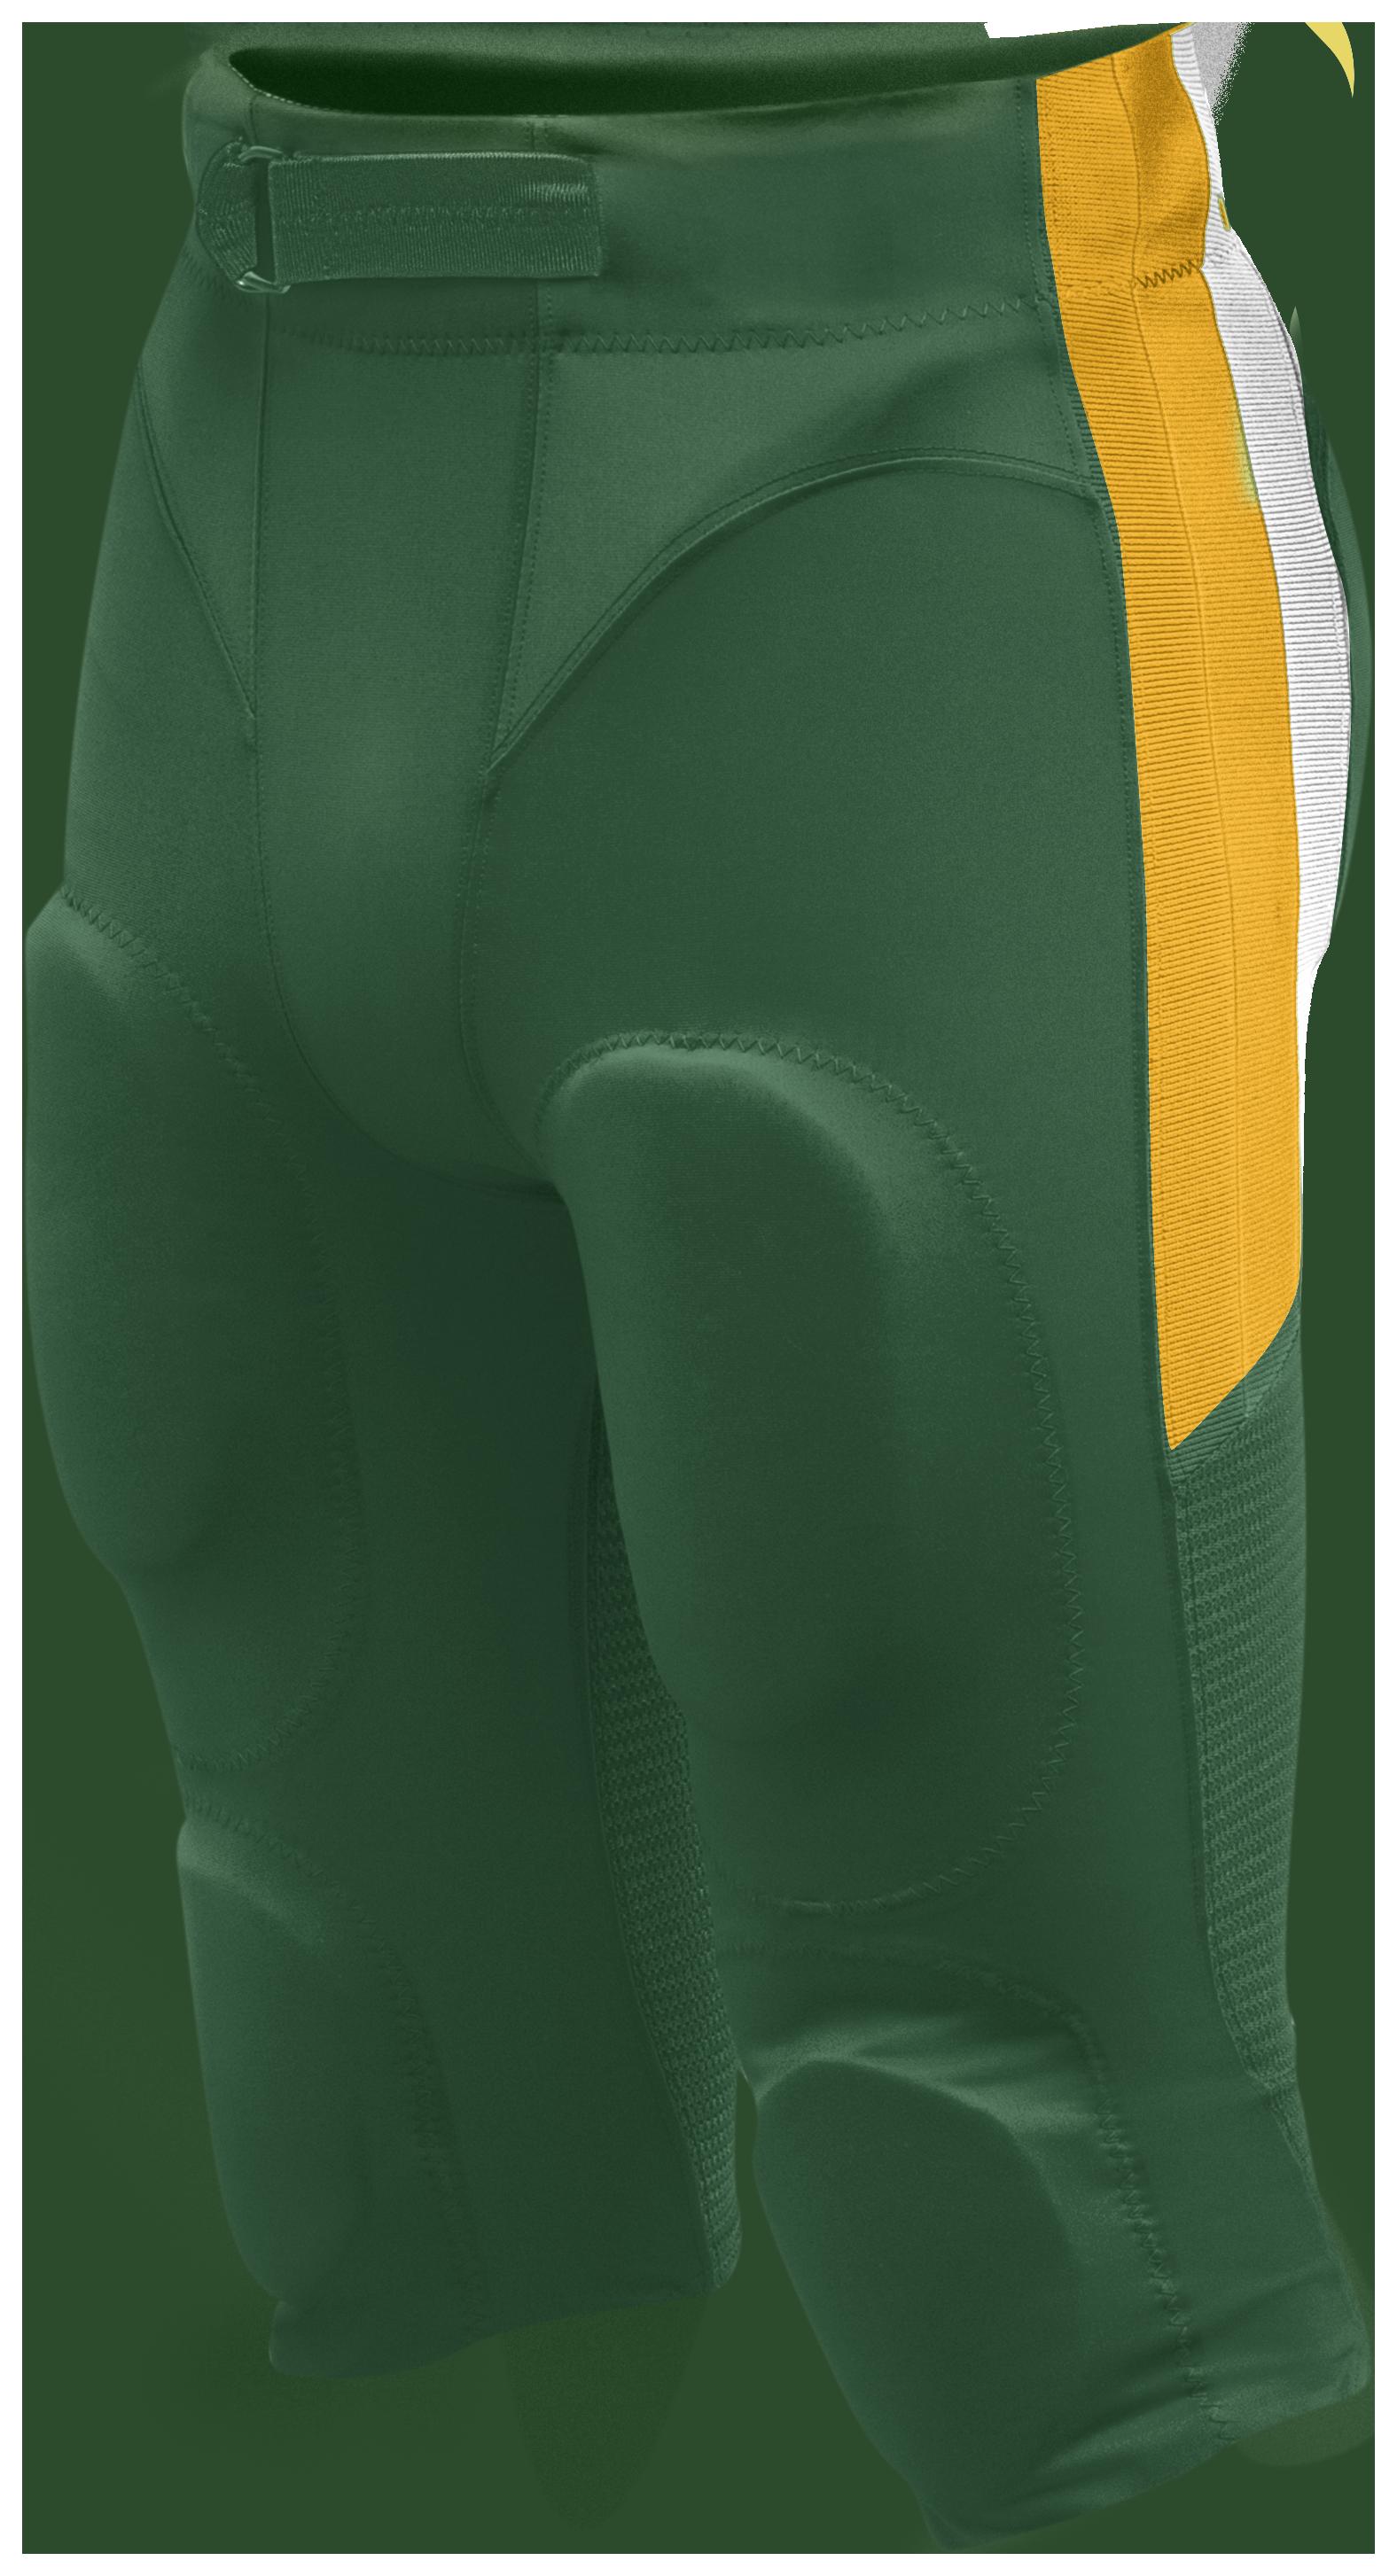 Russell Athletic Blitz Football - Varsity Pants